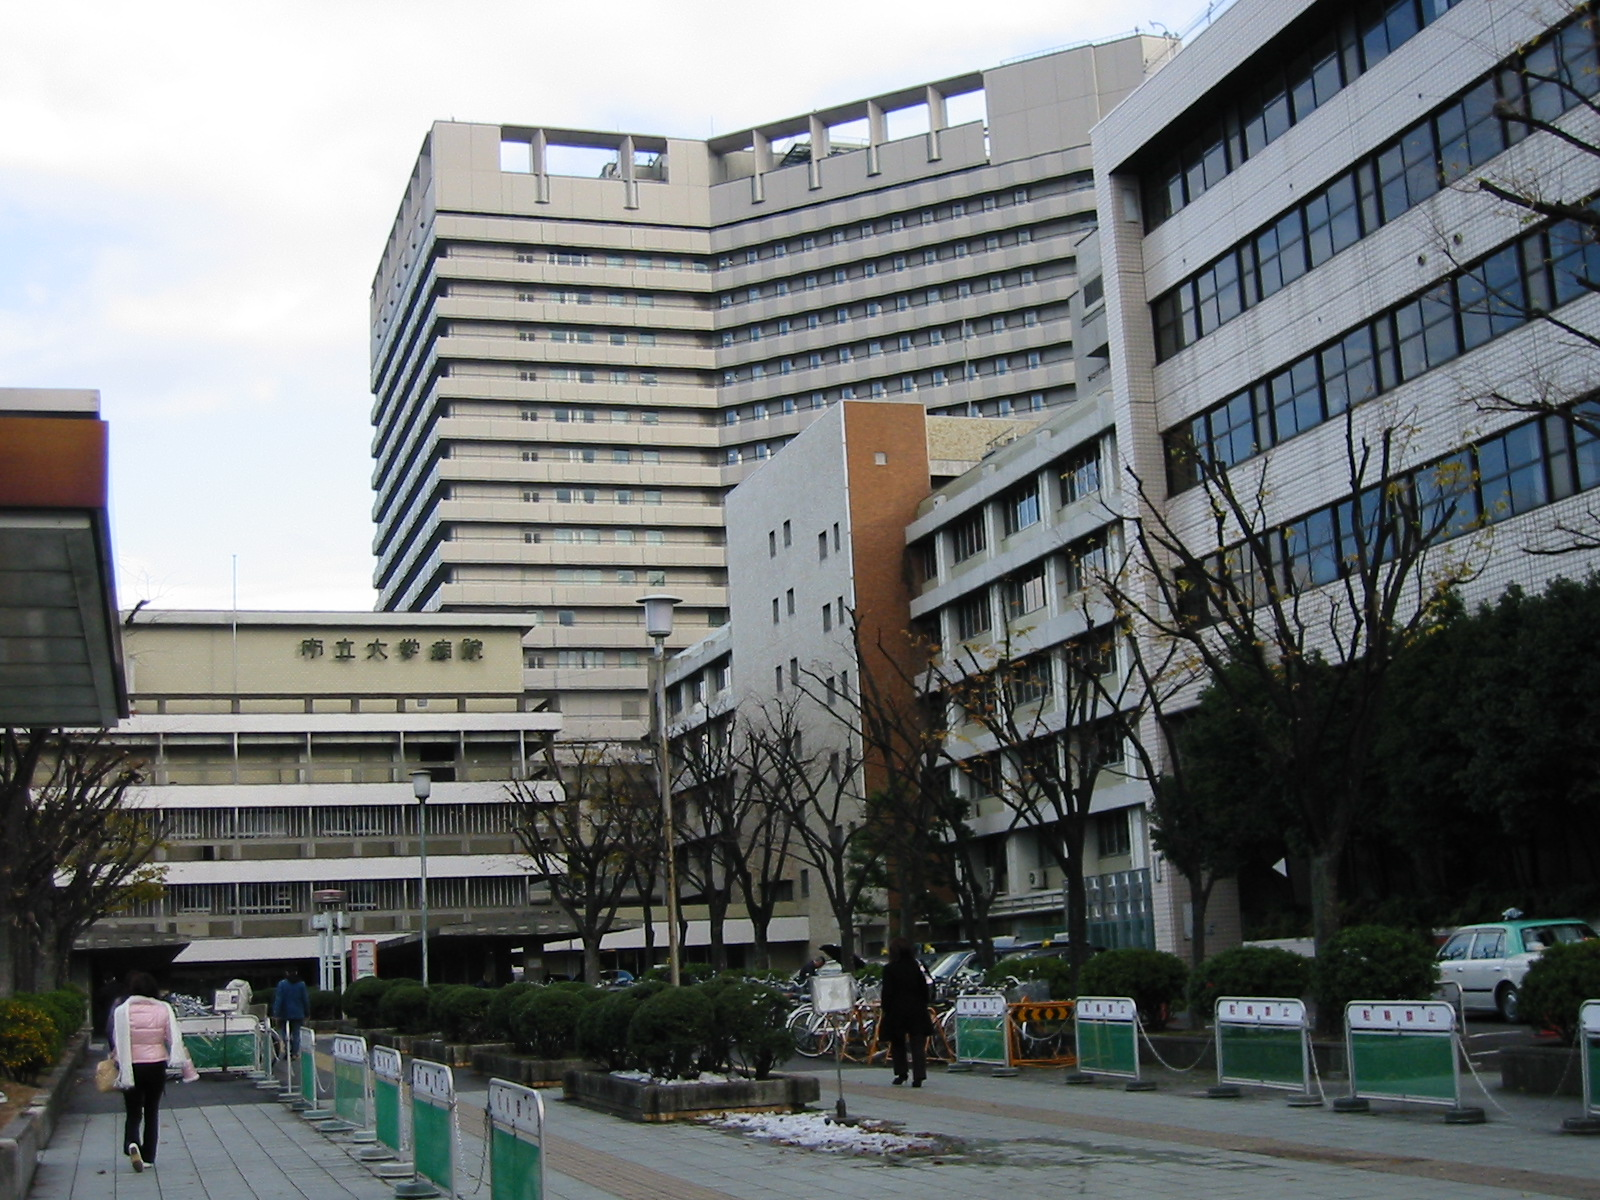 桜山,瑞穂・昭和區,名古屋の発信情報:病院 - livedoor Blog(ブログ)